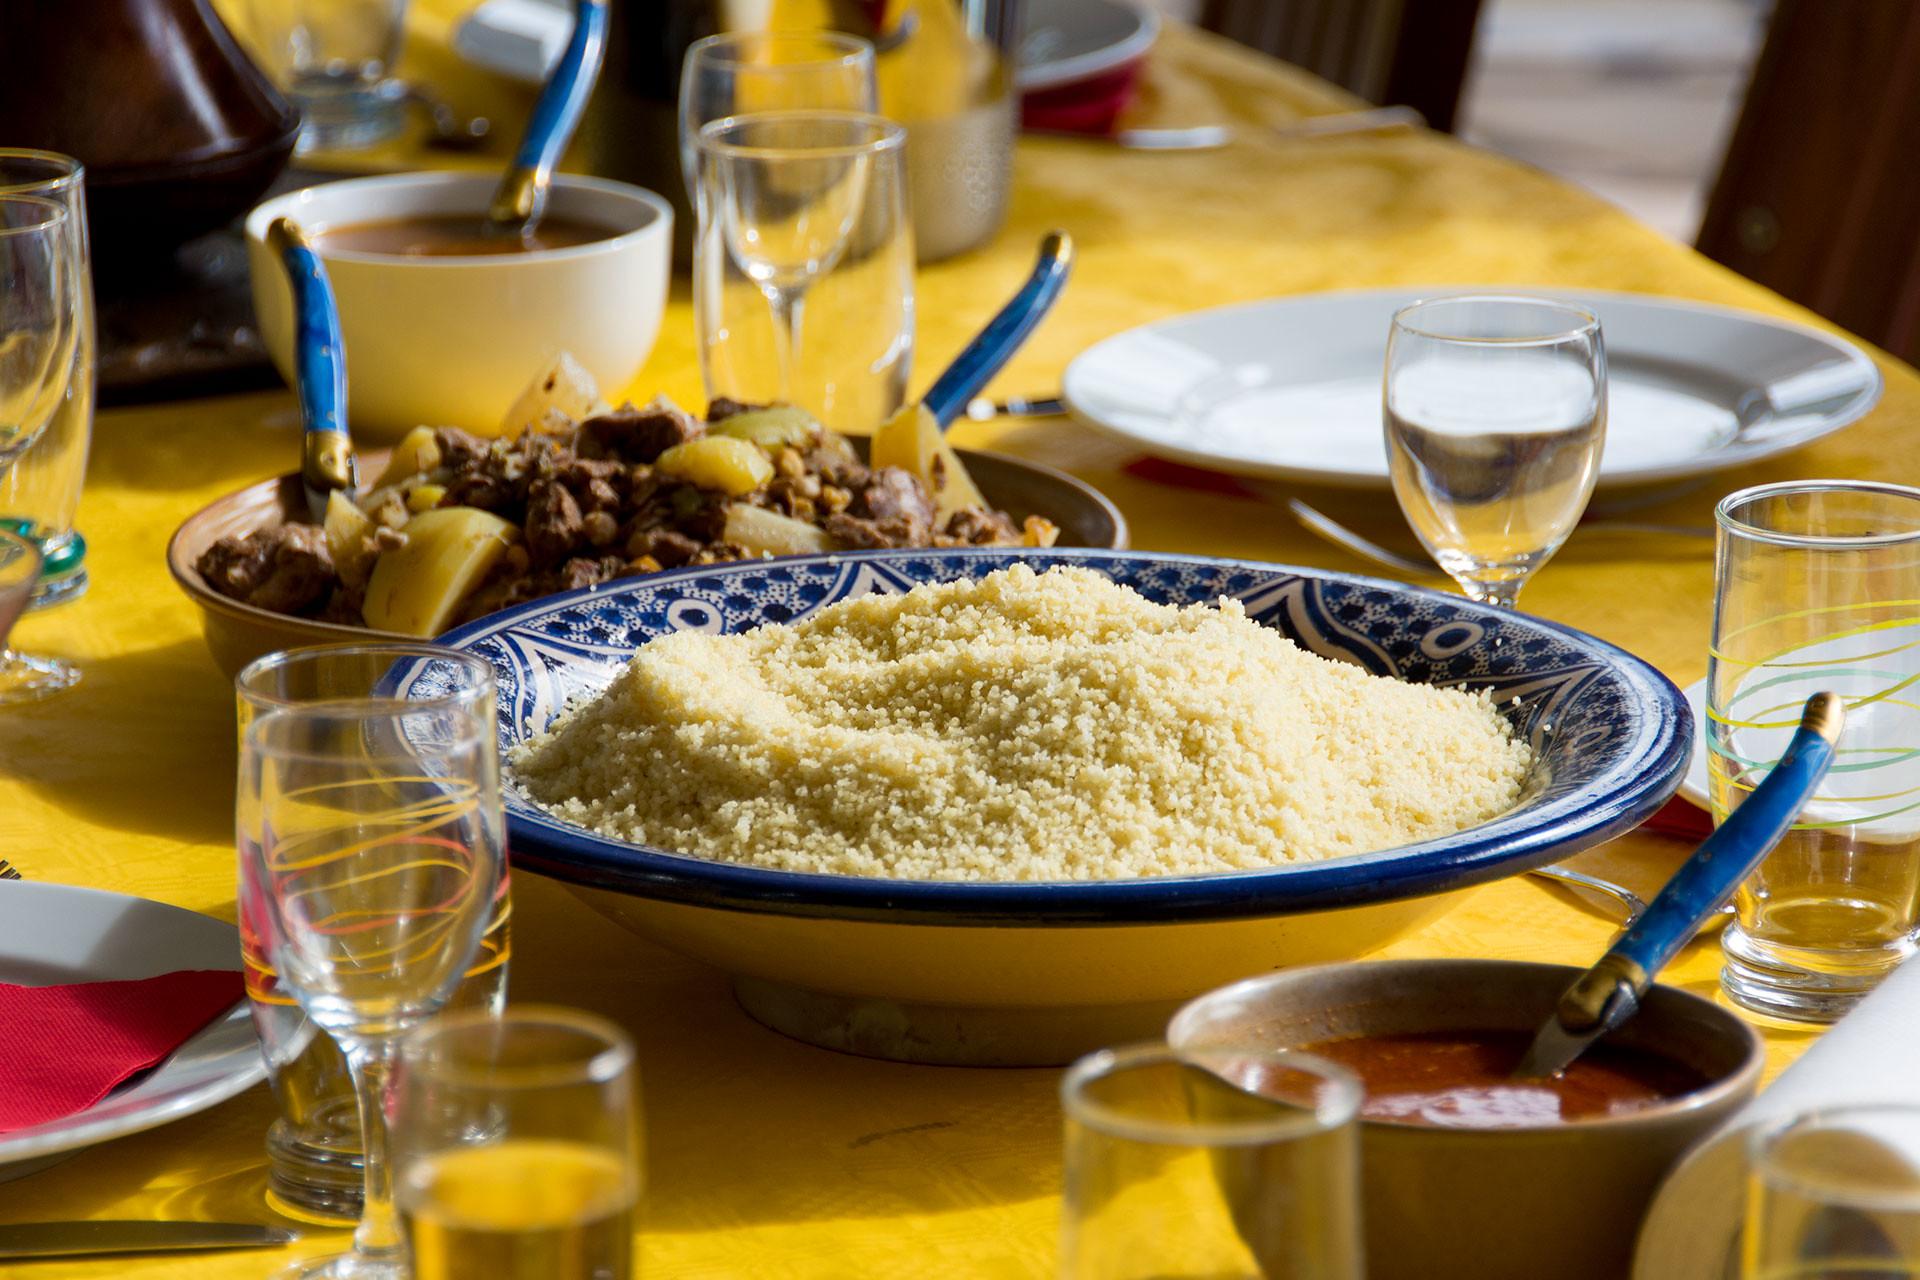 Филе-миньон со сливами и кускусом